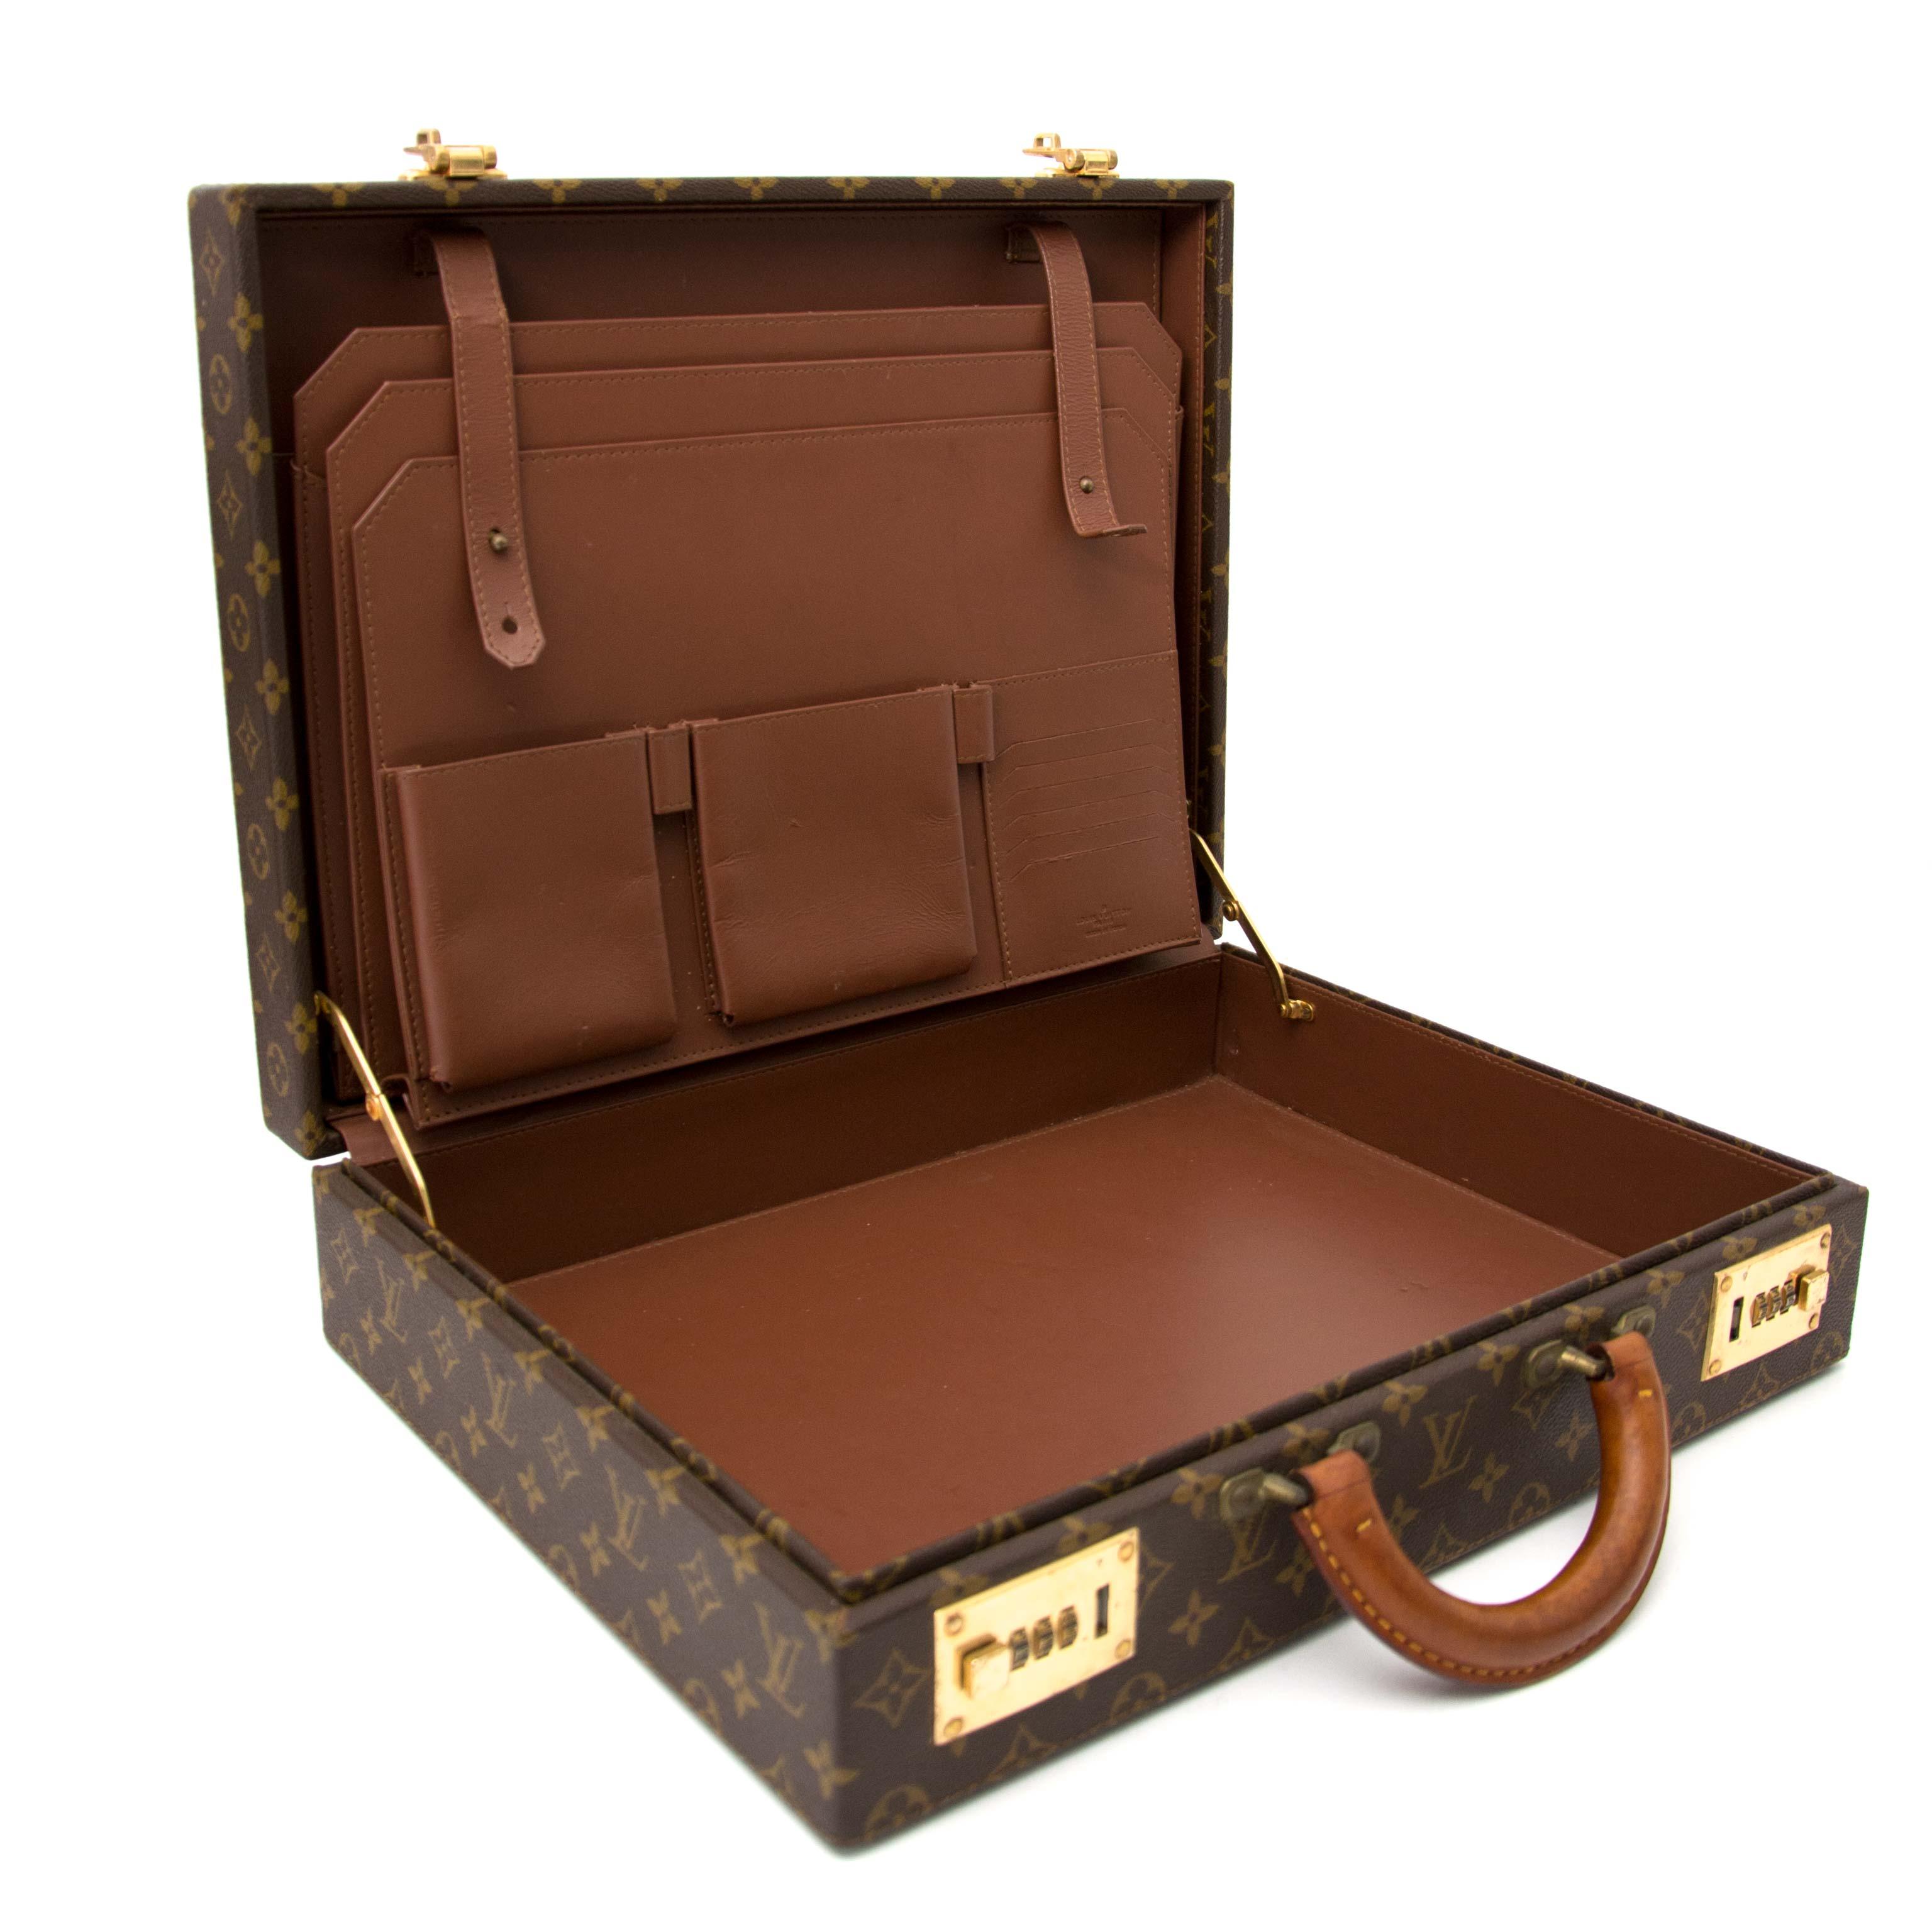 bb0ba52491a59 Koop en verkoop uw authentieke Are you looking for an authentic Louis  Vuitton Monogram Briefcase